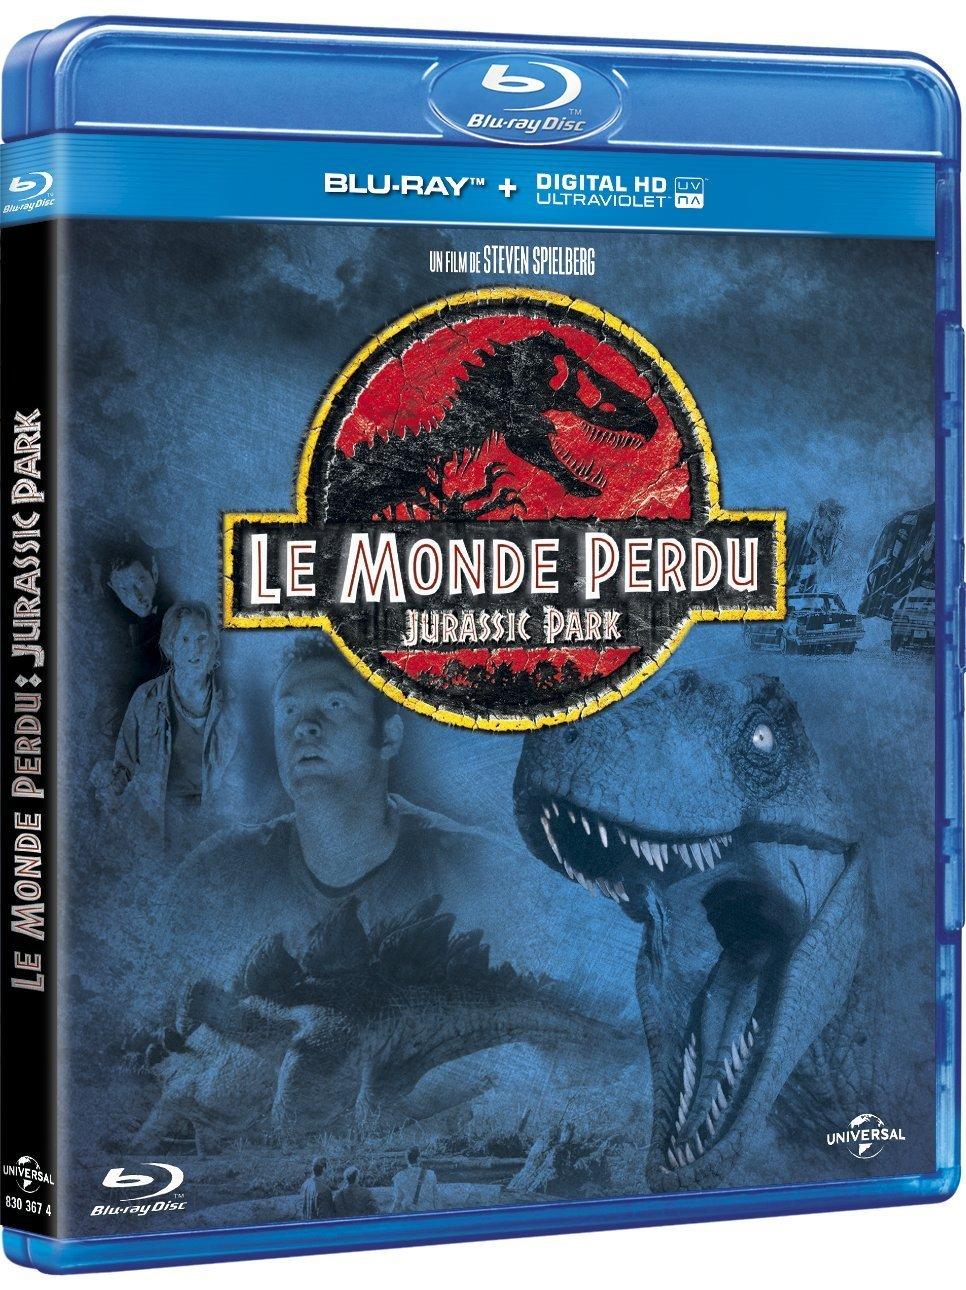 Le Monde Perdu : Jurassic Park 0 - Le monde perdu Jurassic Park